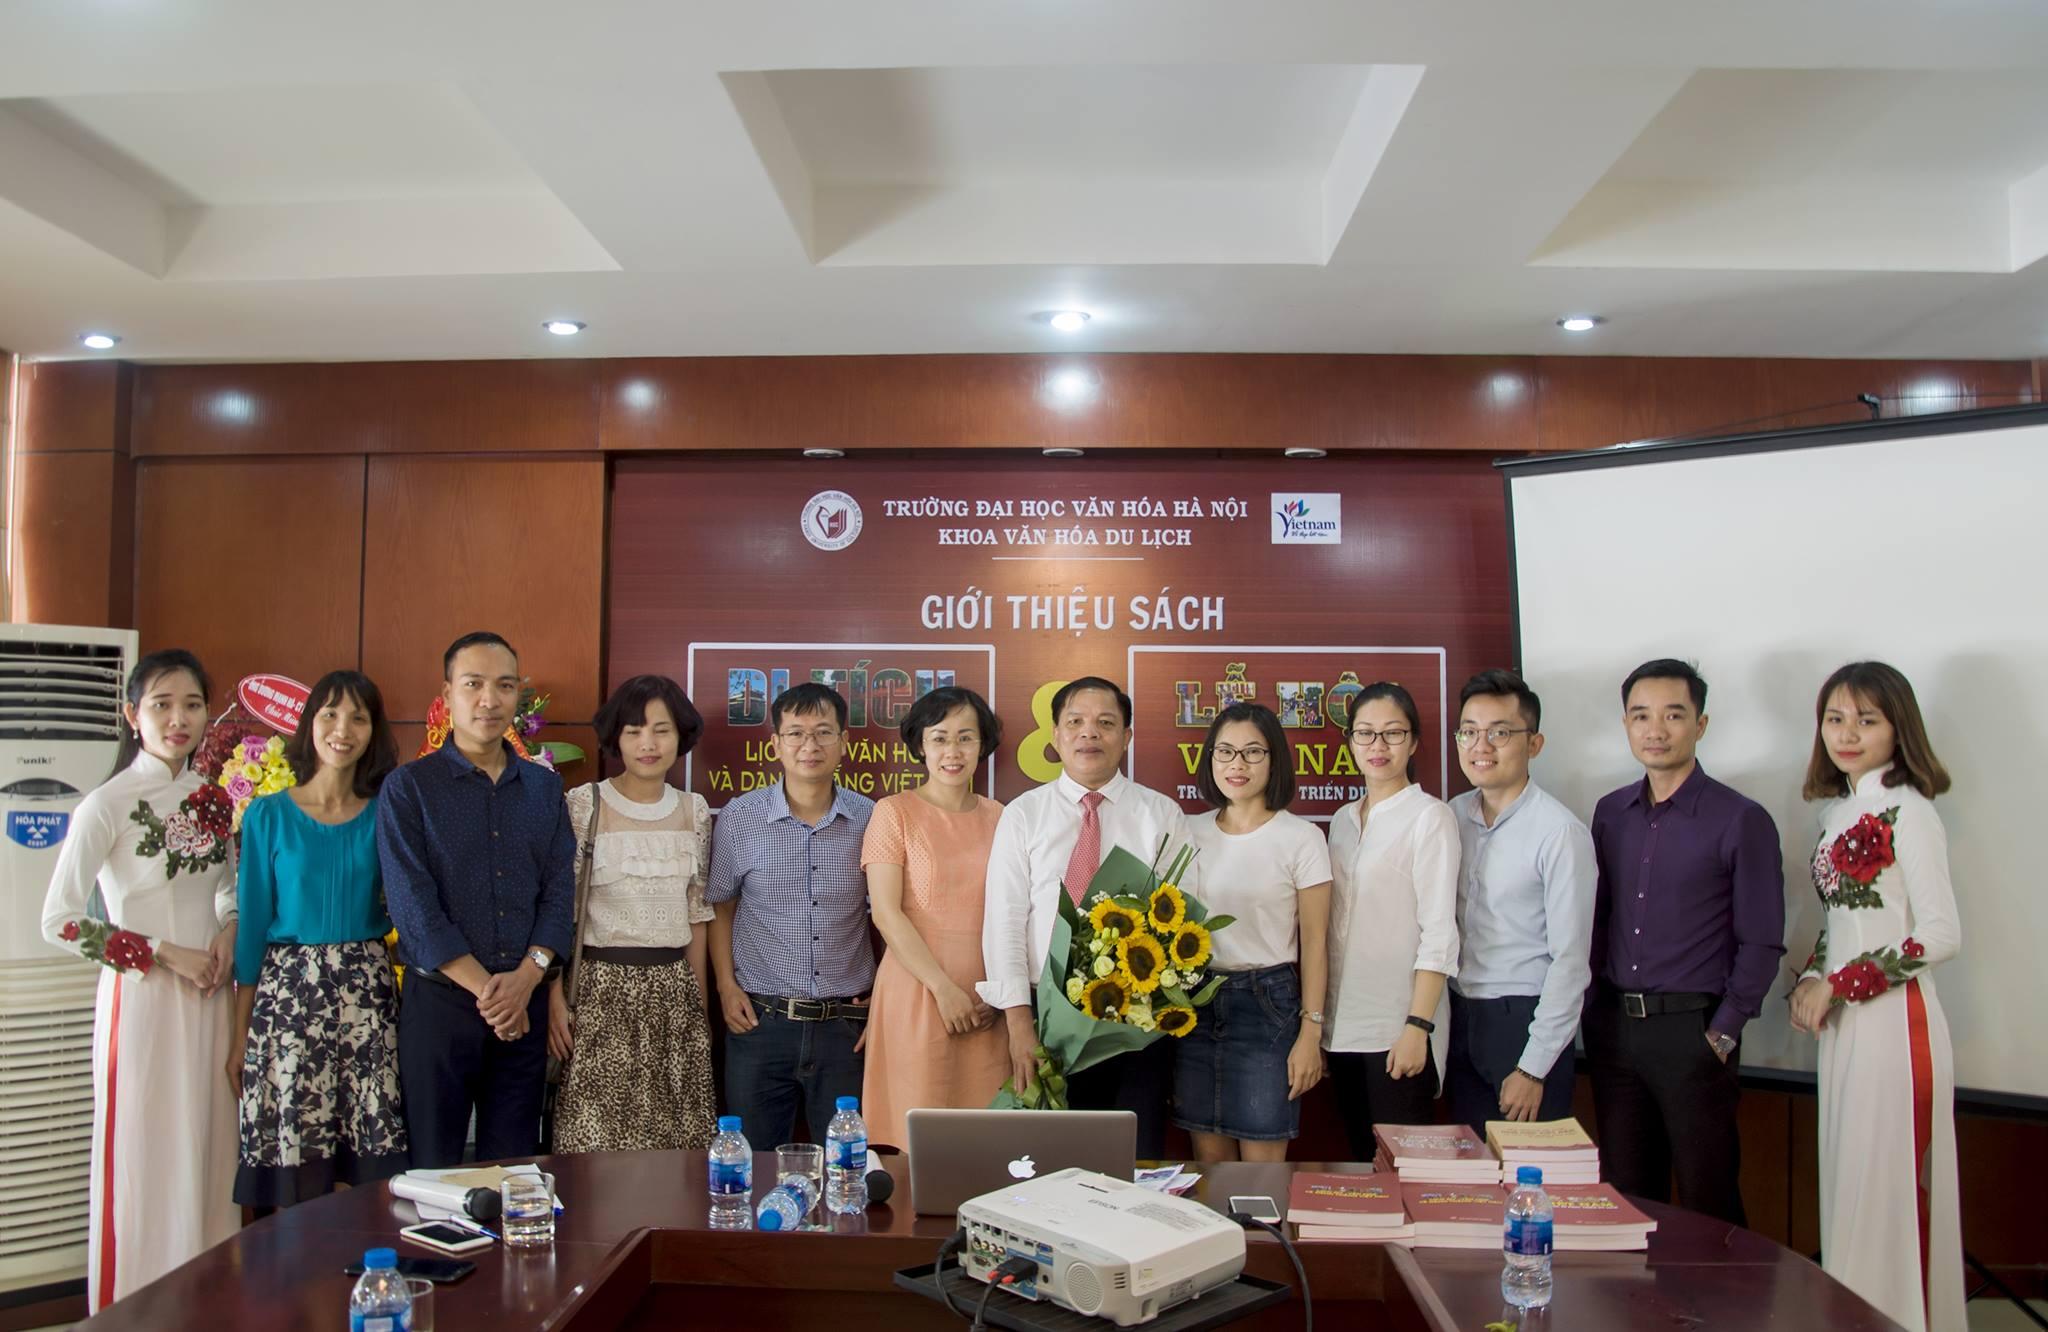 Buổi lễ giới thiệu sách của PGS. TS. Dương Văn Sáu